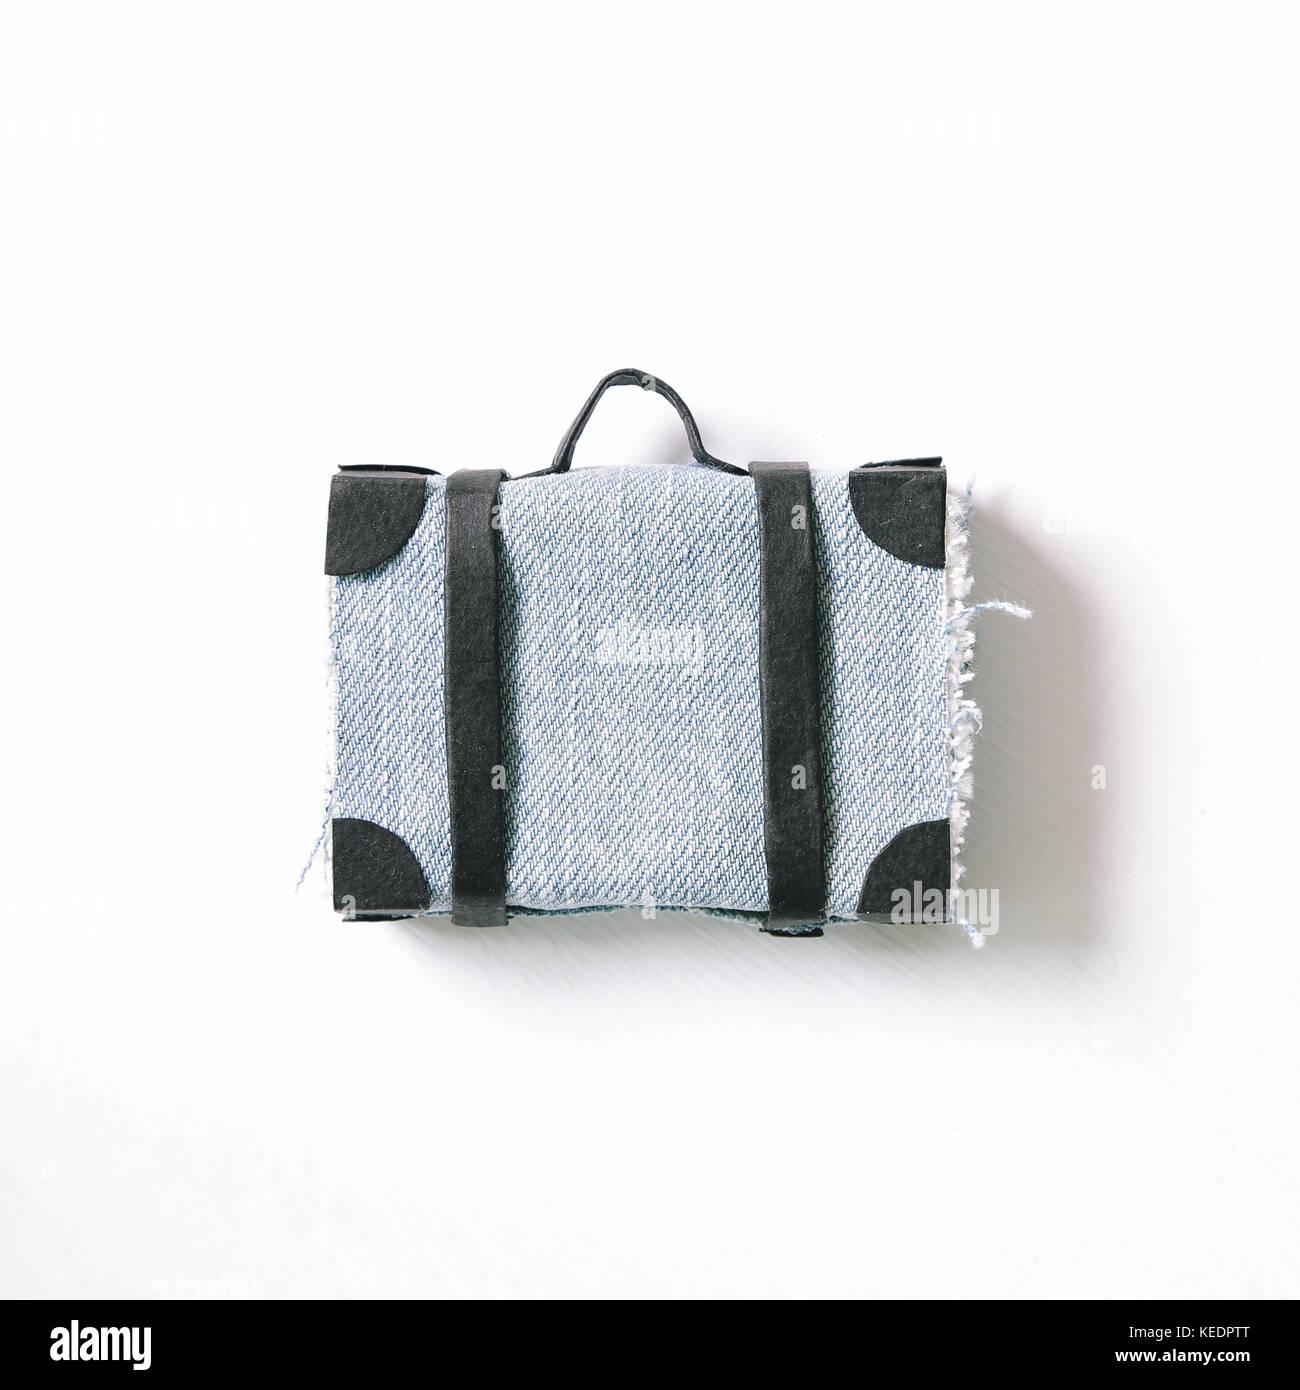 Travel suitcase on white background - Stock Image